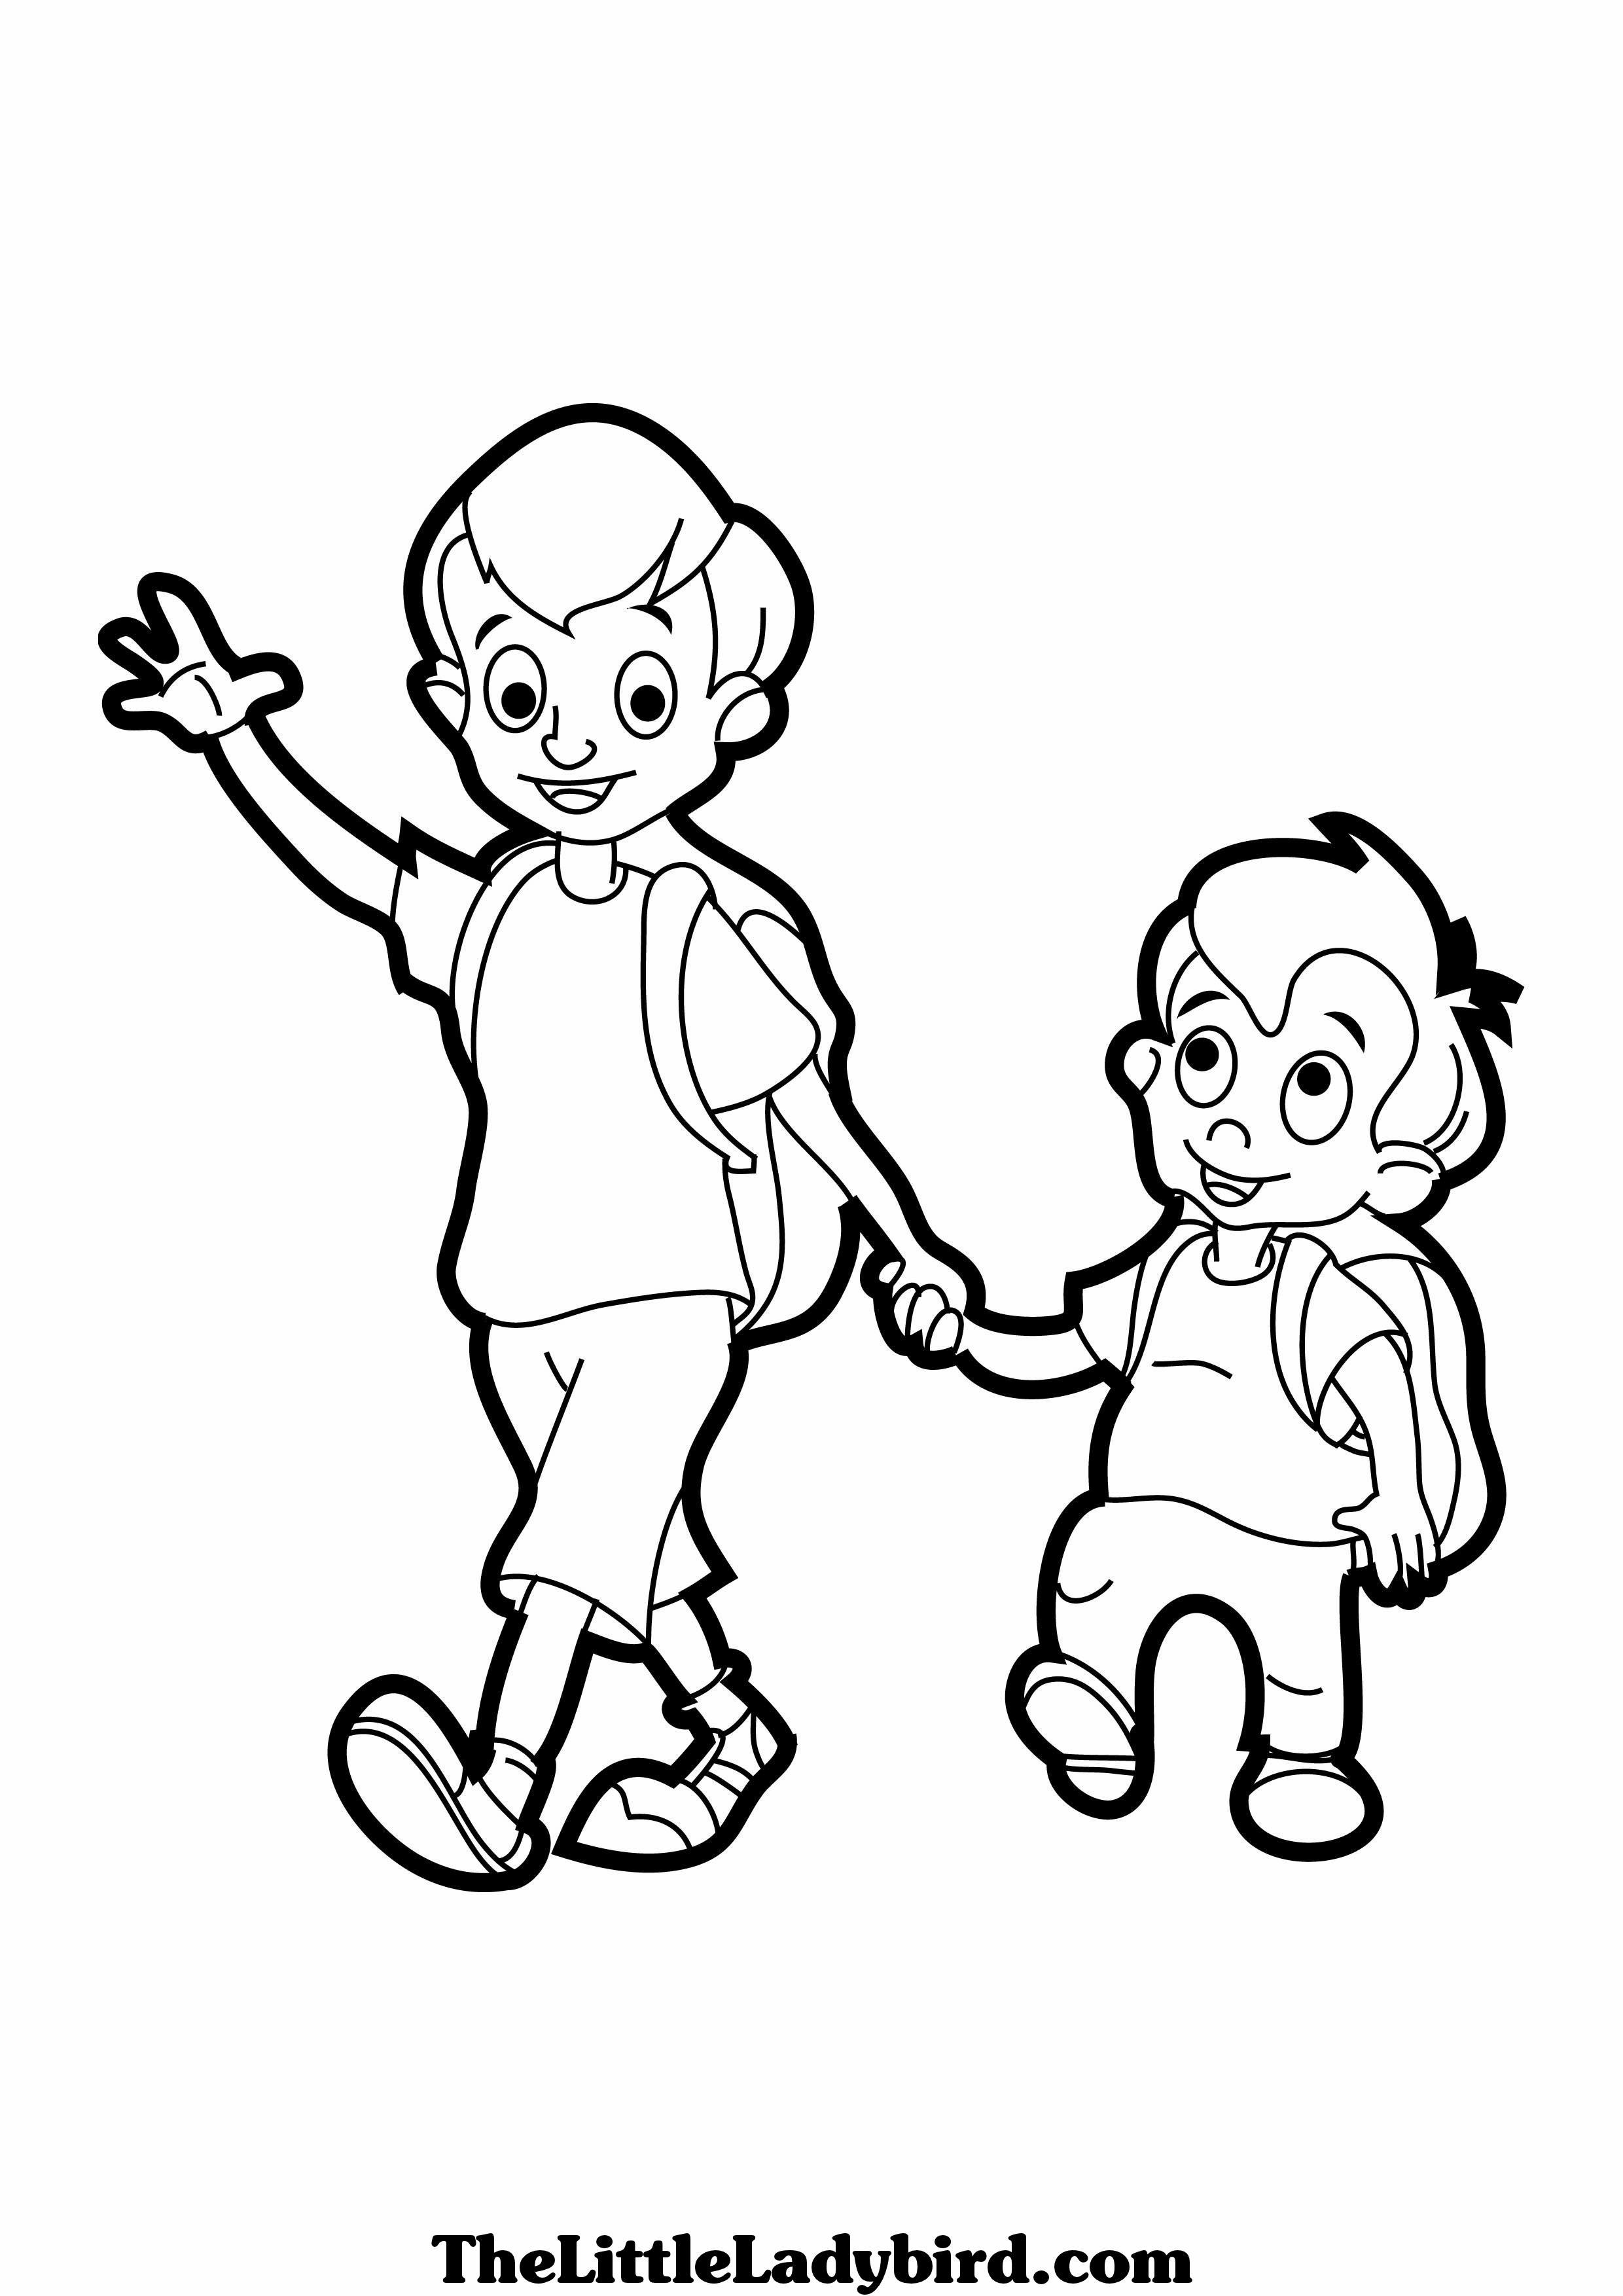 Pintando dibujos del Día del Hermano para regalar